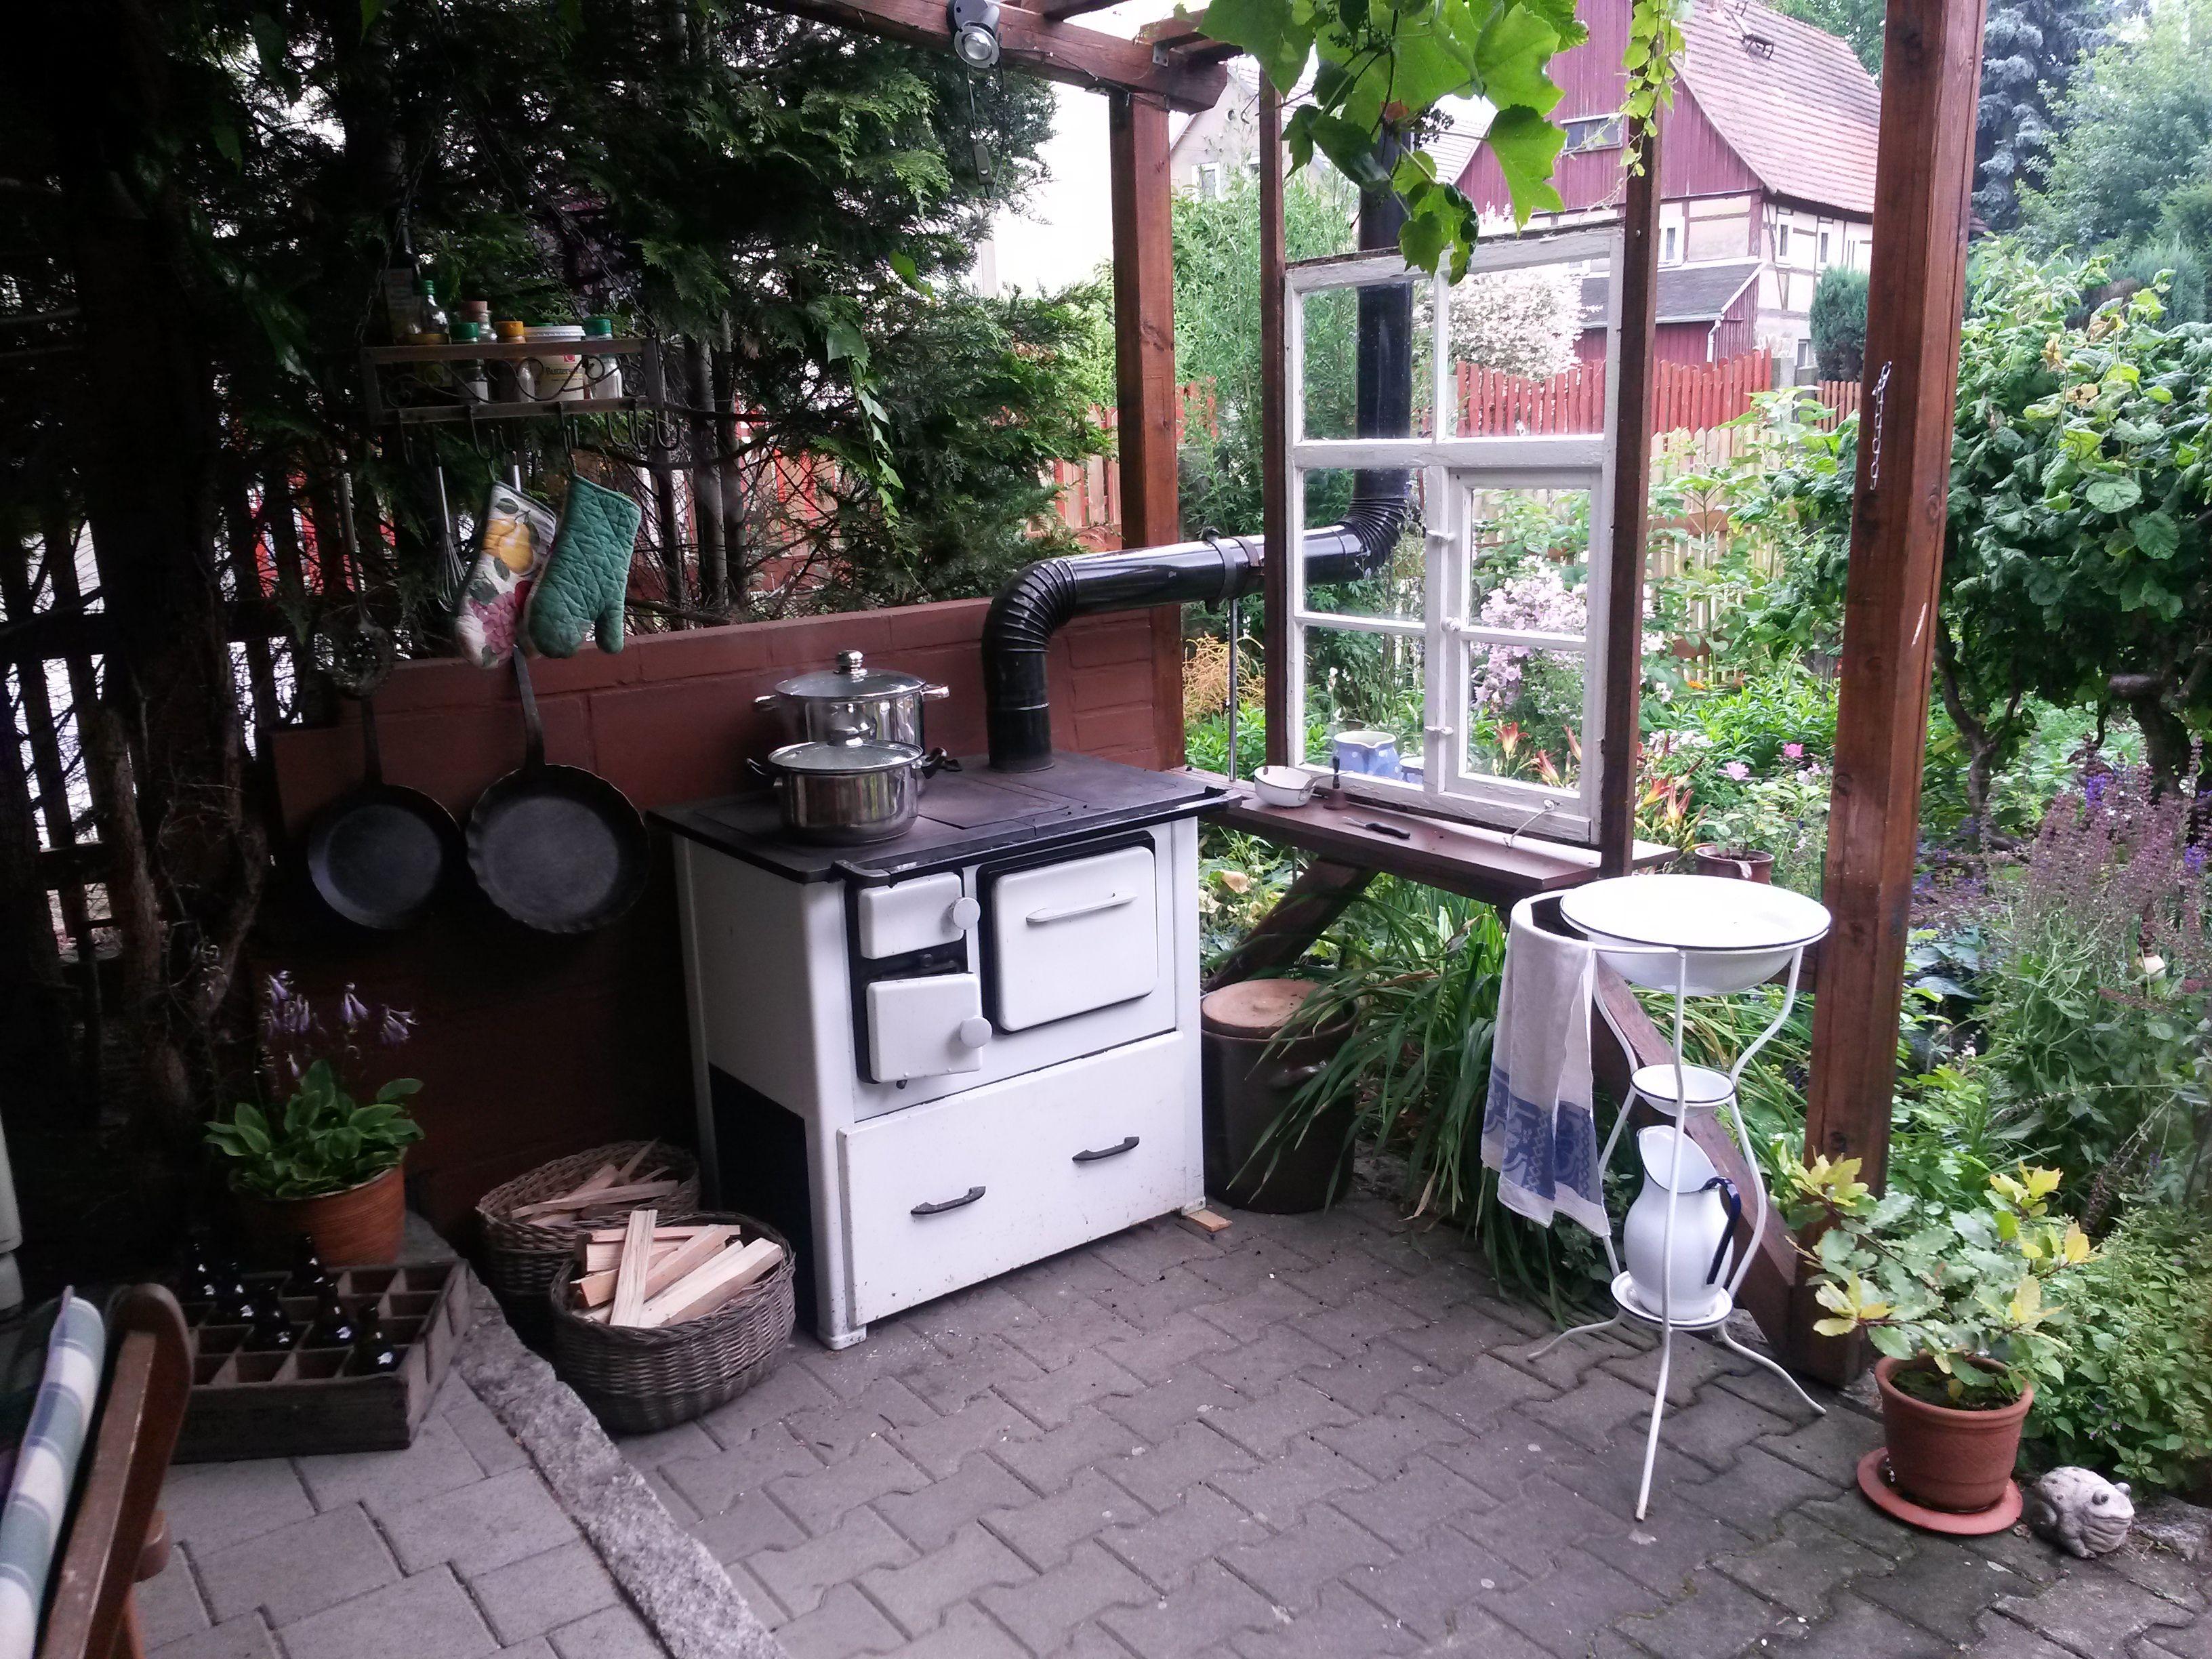 Garten Mit Outdoor Küche : Mein schöner garten outdoor küche outdoorküche mit weber kugelgrill